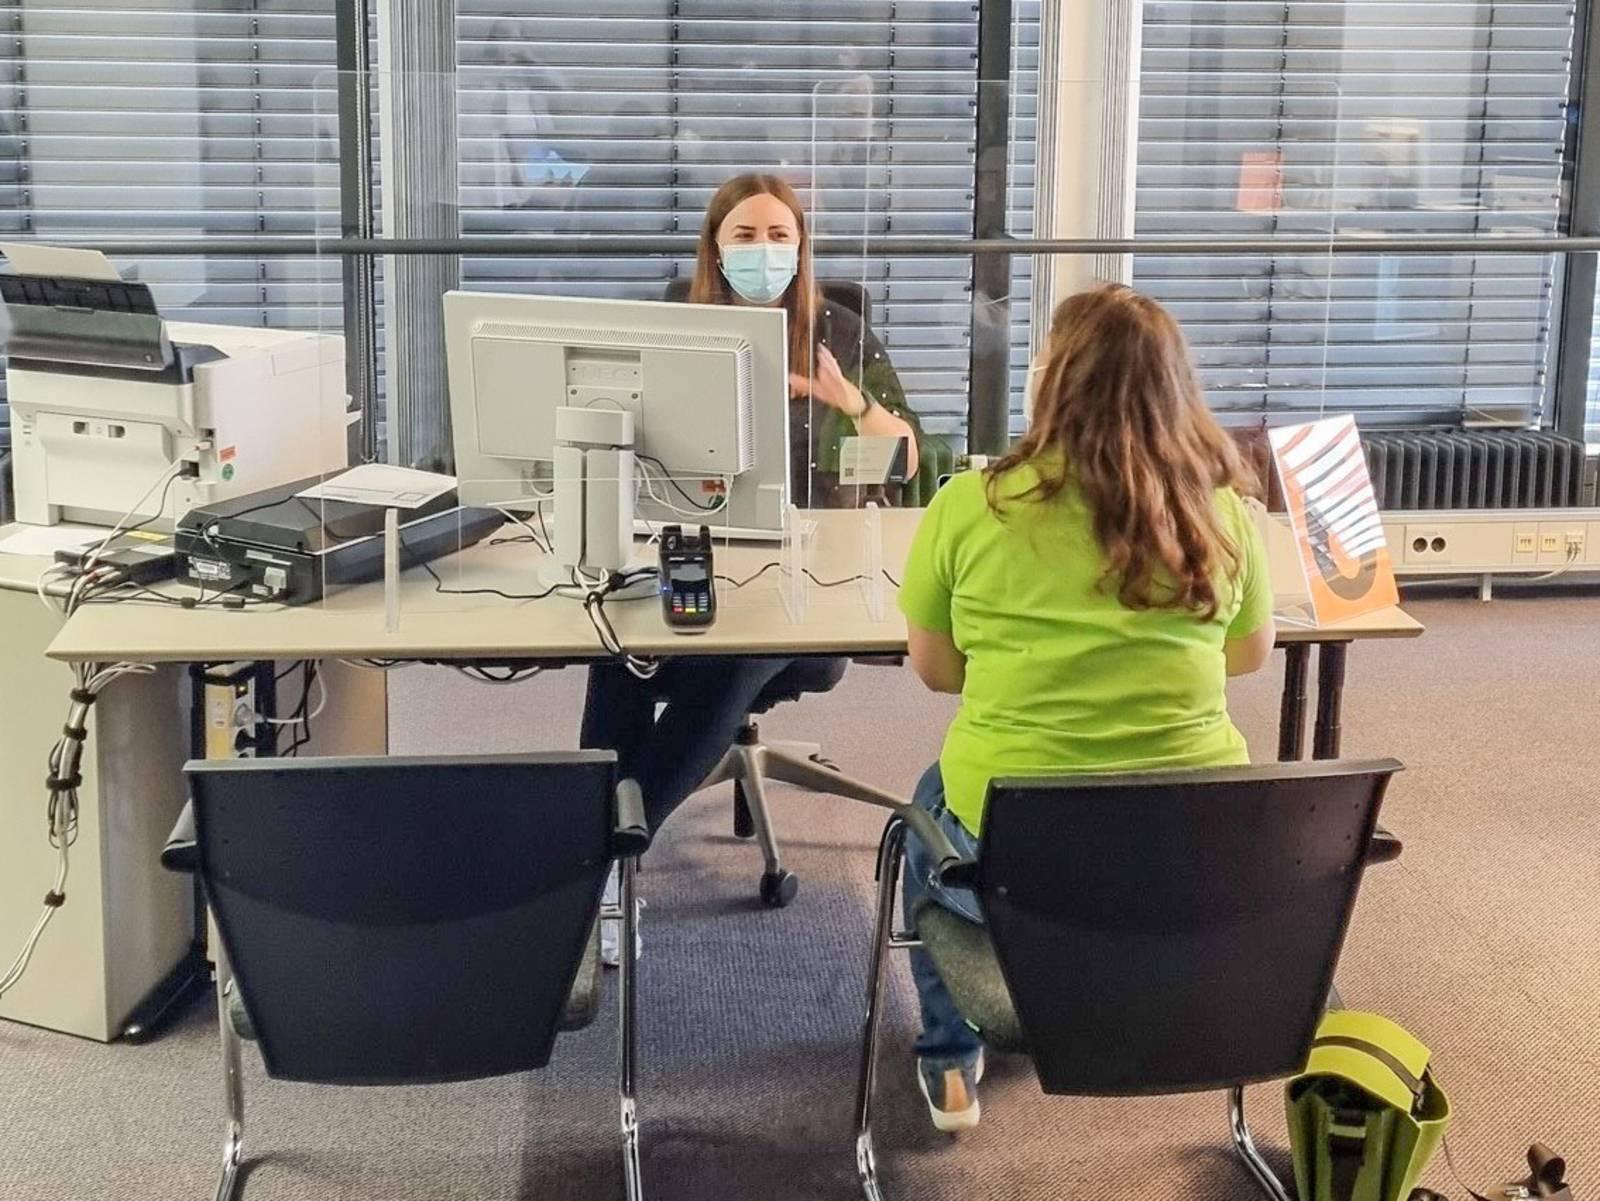 Zwei Personen sitzen sich an einem Schreibtisch gegenüber.